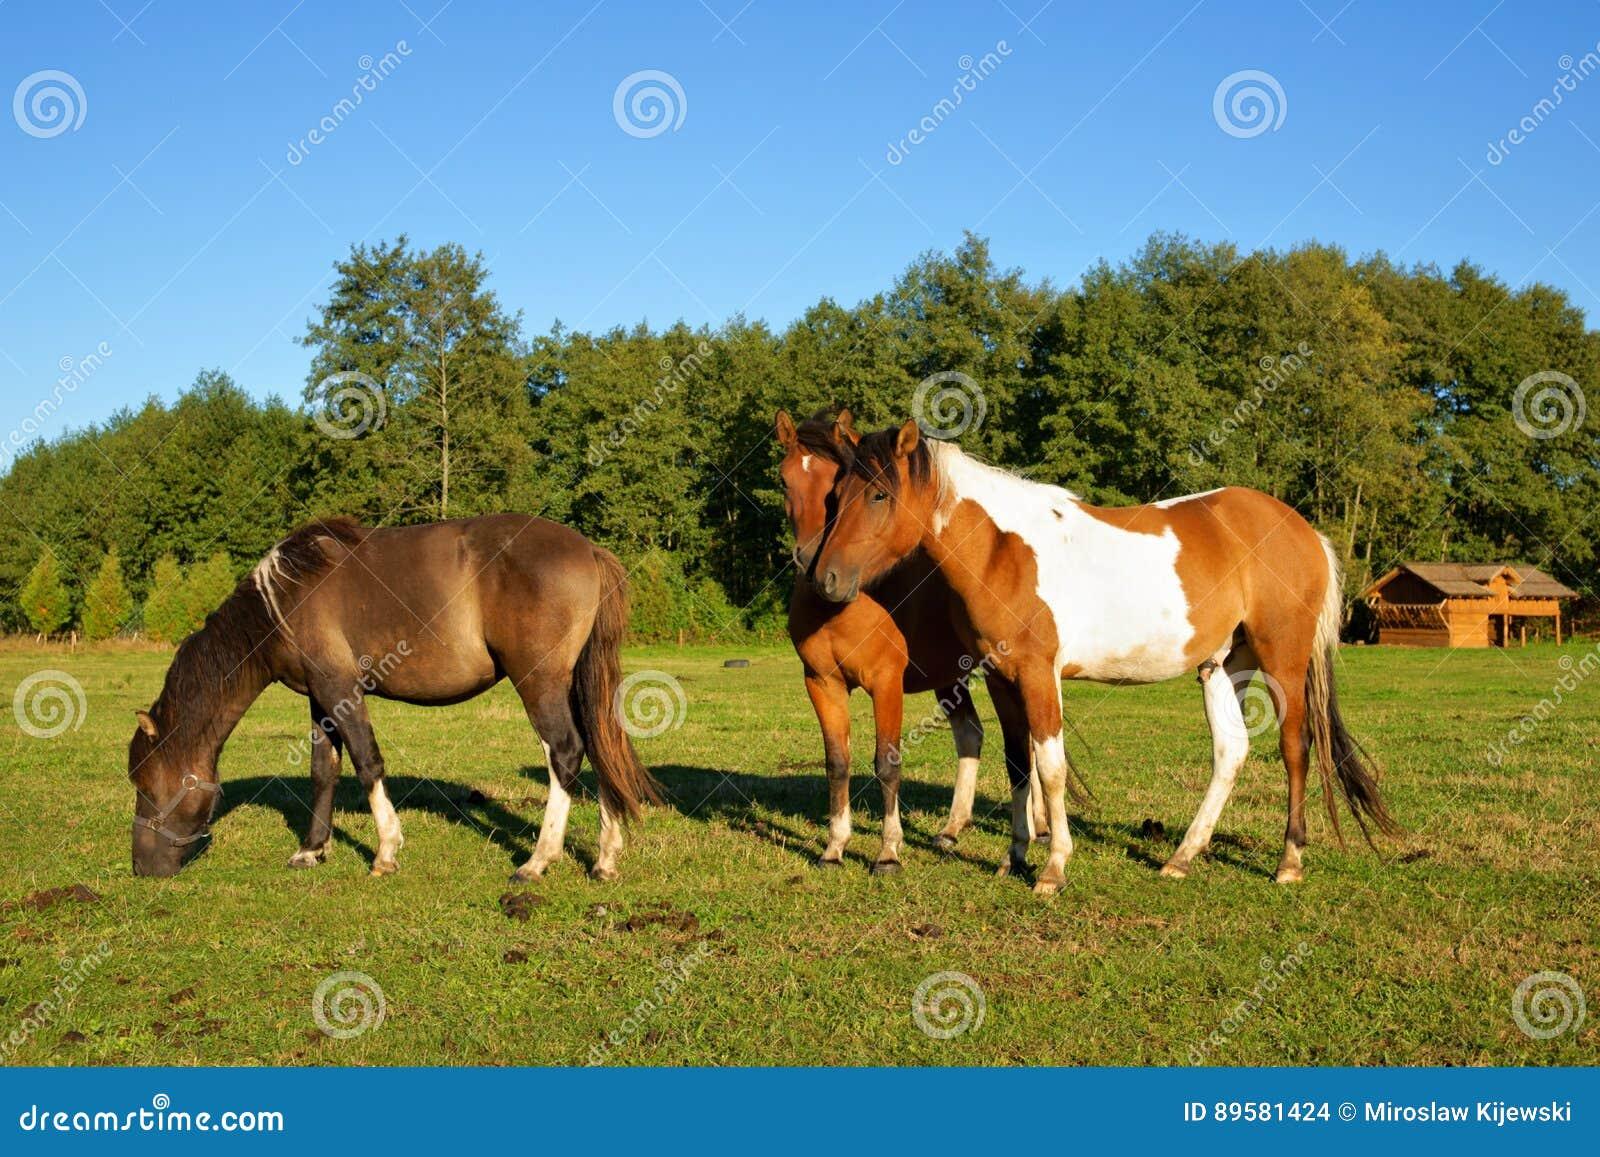 Paarden, Hengst met een penis op bovenkant en Merries in het weiland